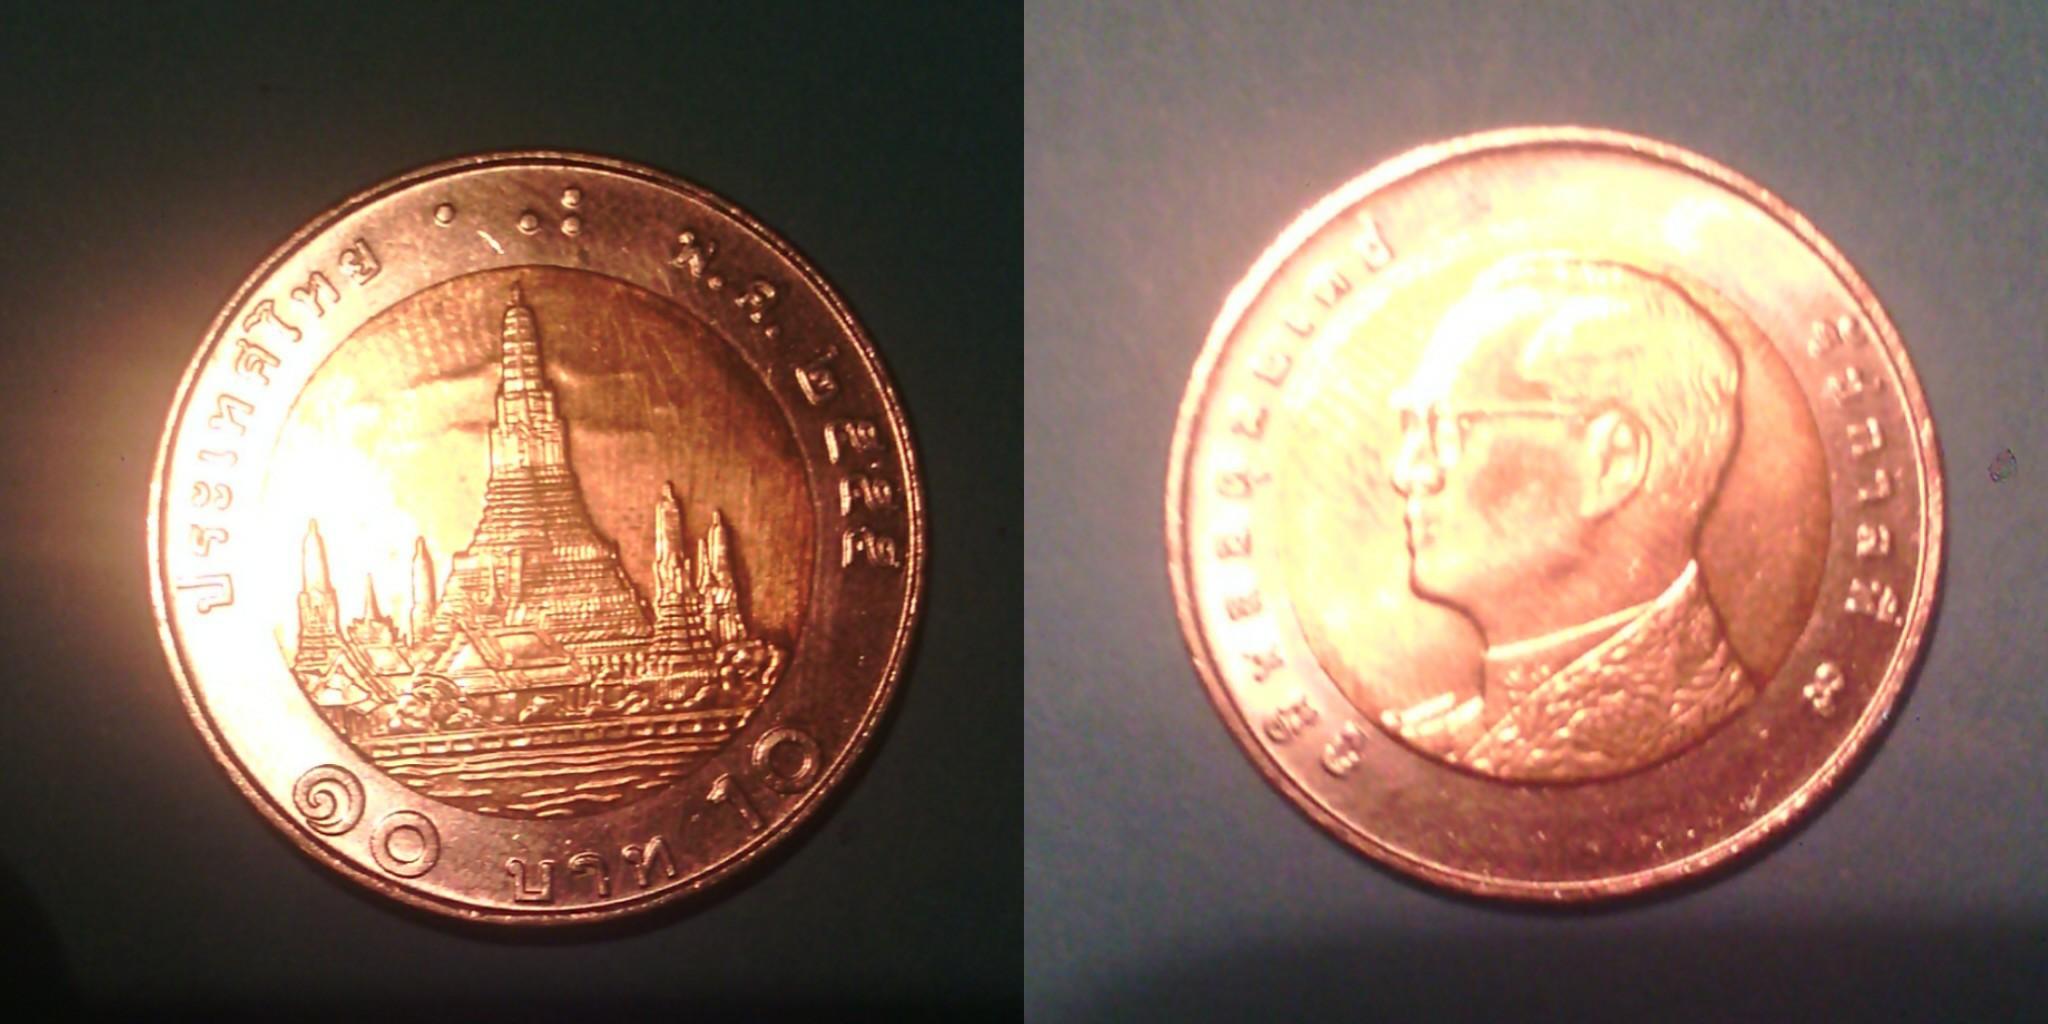 Münze Die Wie 2 Euro Münze Aussieht